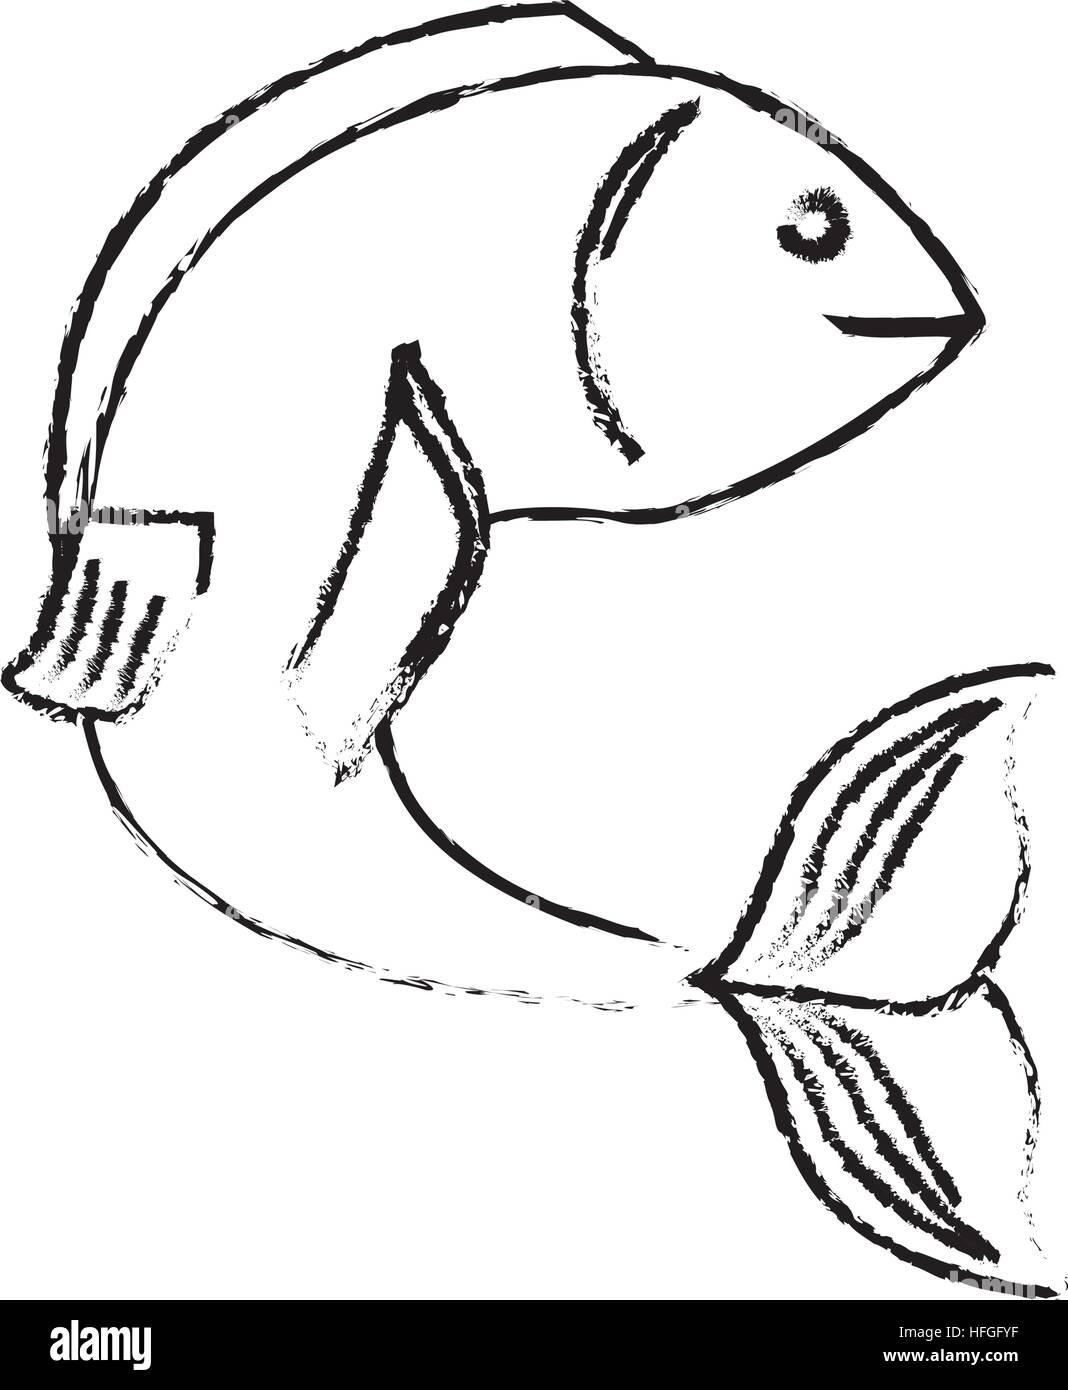 sea fish icon - Stock Image